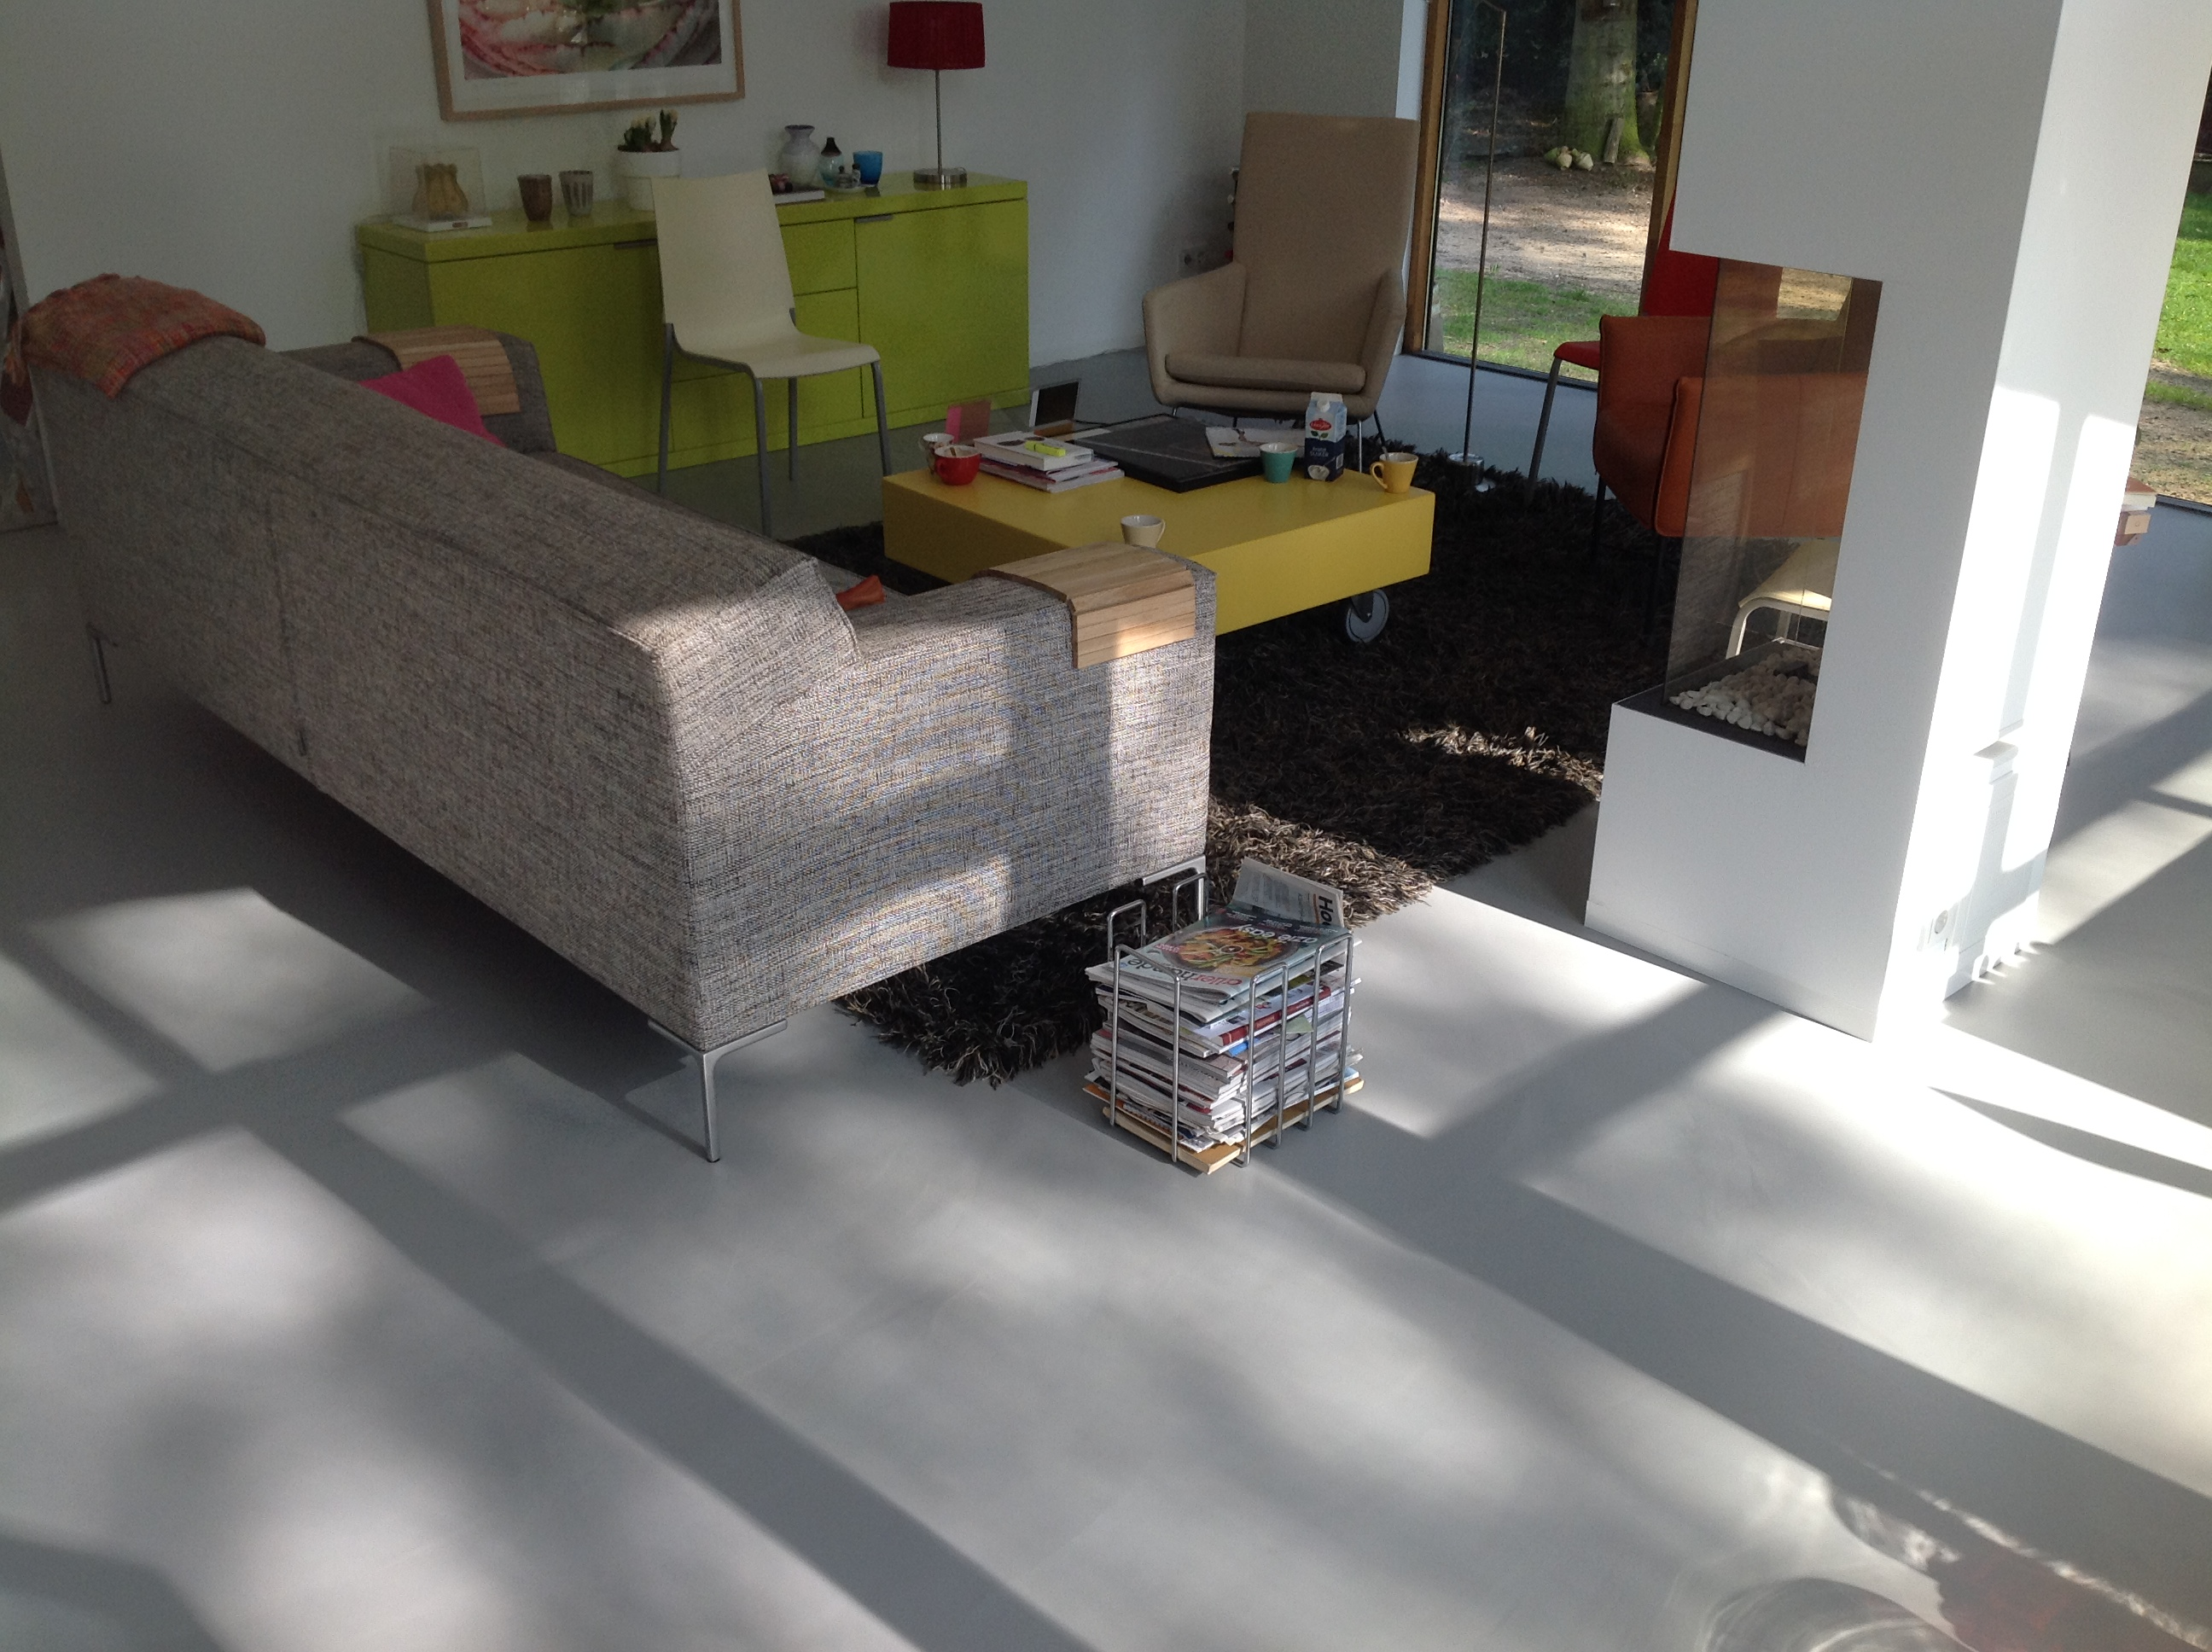 Gietvloer zelf doen of uitbesteden aan een vloerenspecialist?